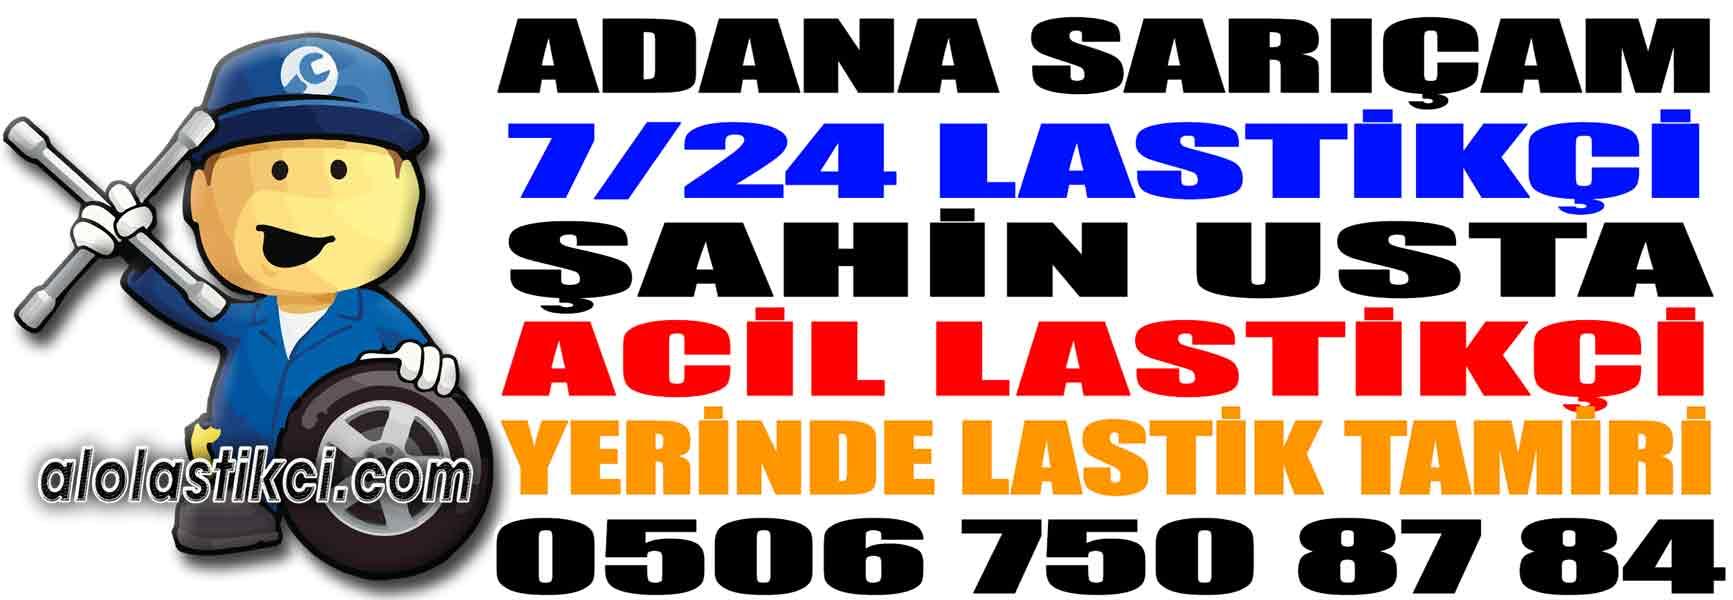 Adana Sarıçam Lastikçi